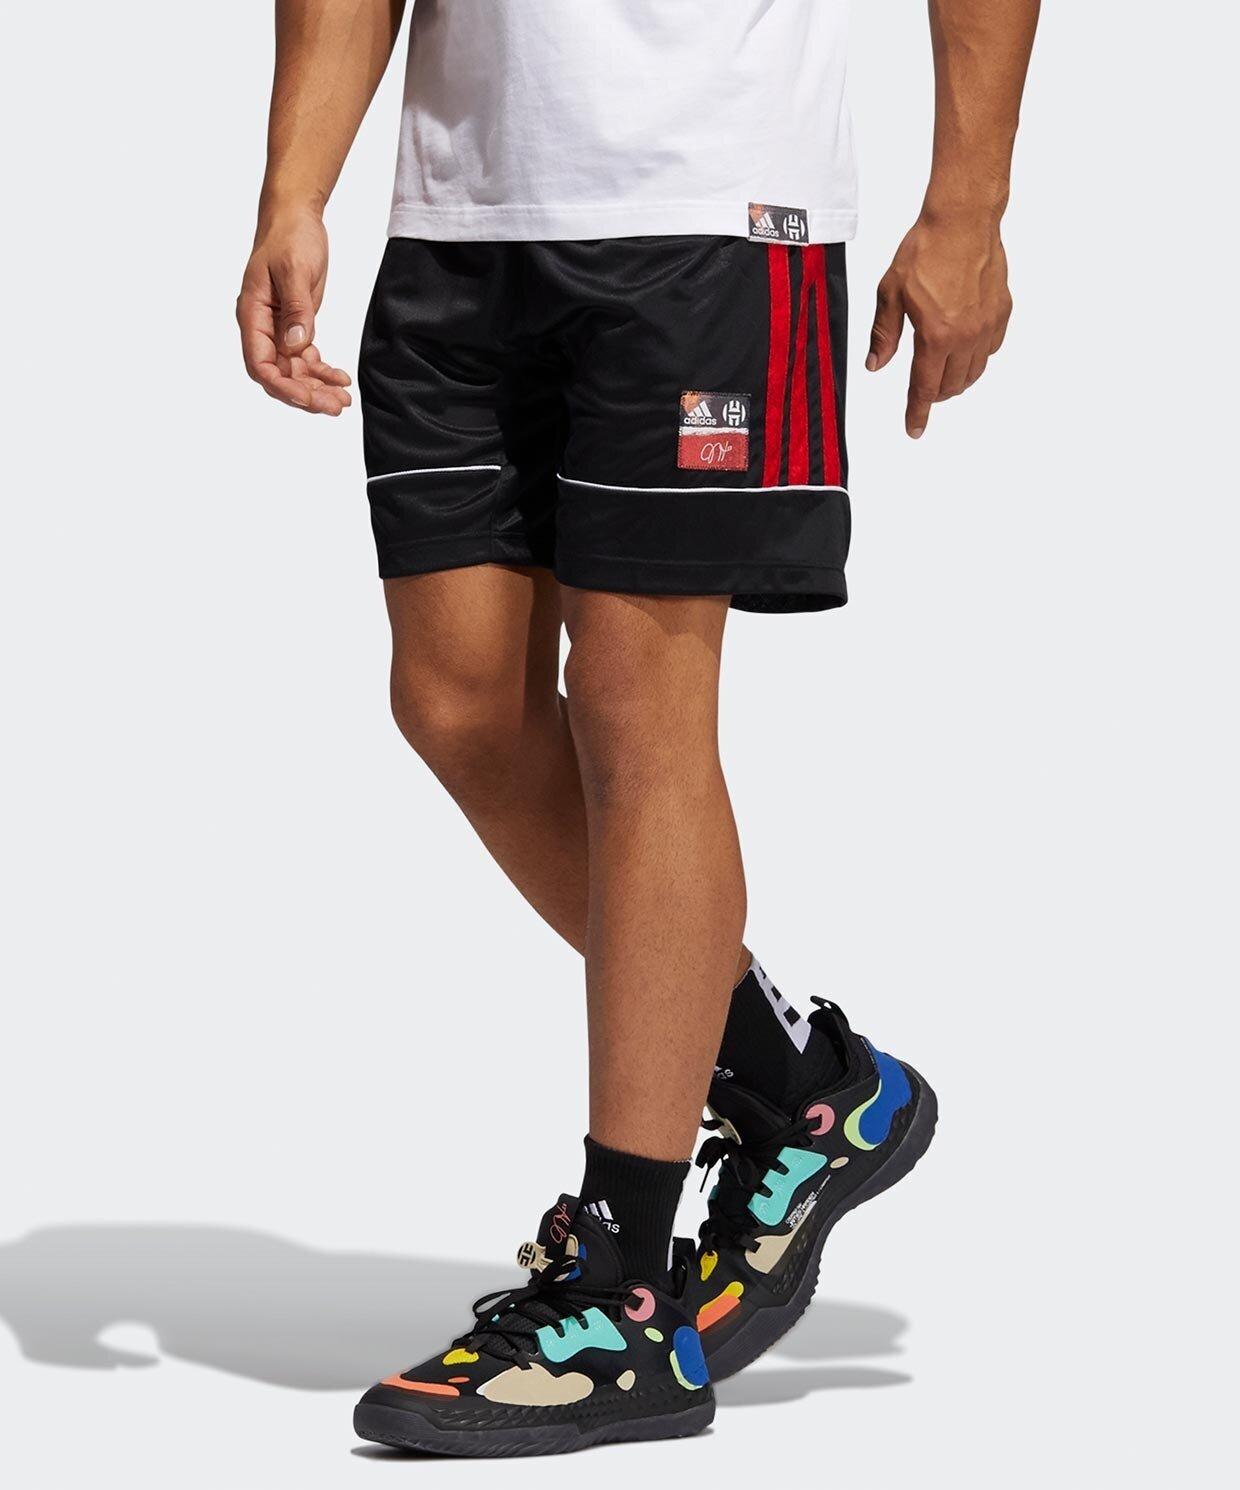 adidas Hdn Abstract S